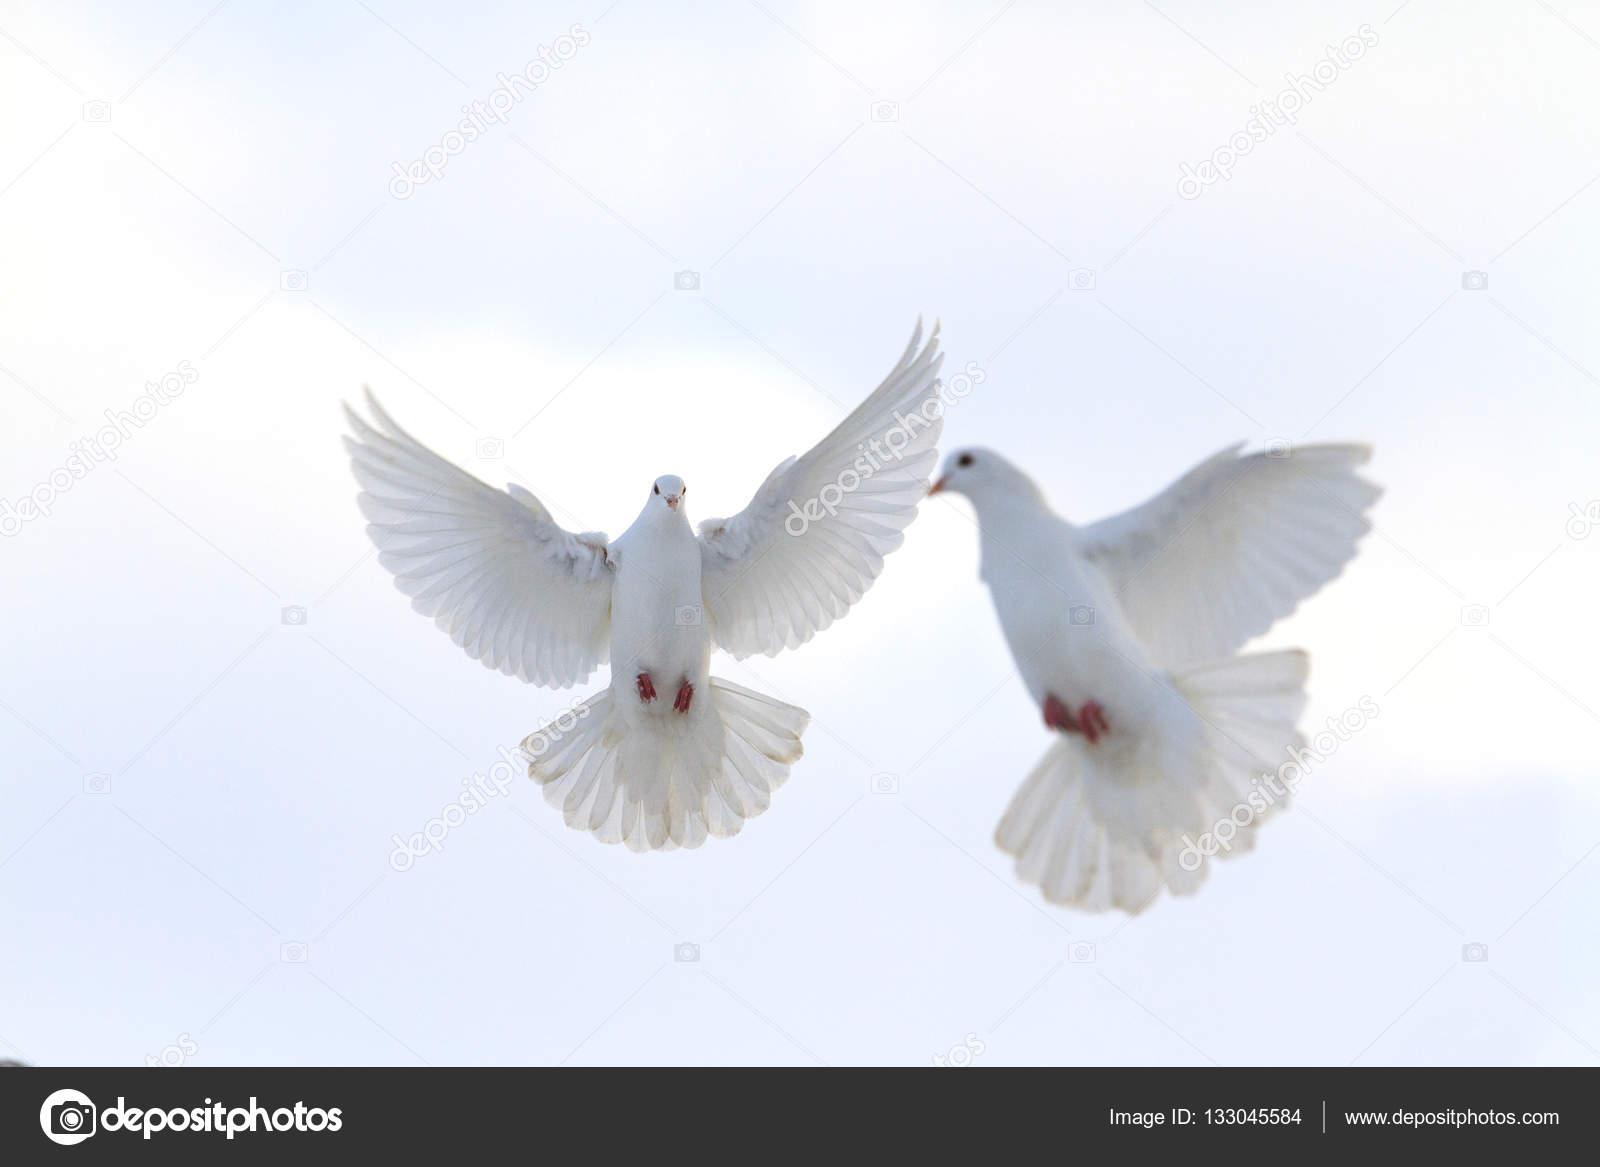 Coppia Di Colombe Bianche Che Volano Nel Cielo Invernale Foto